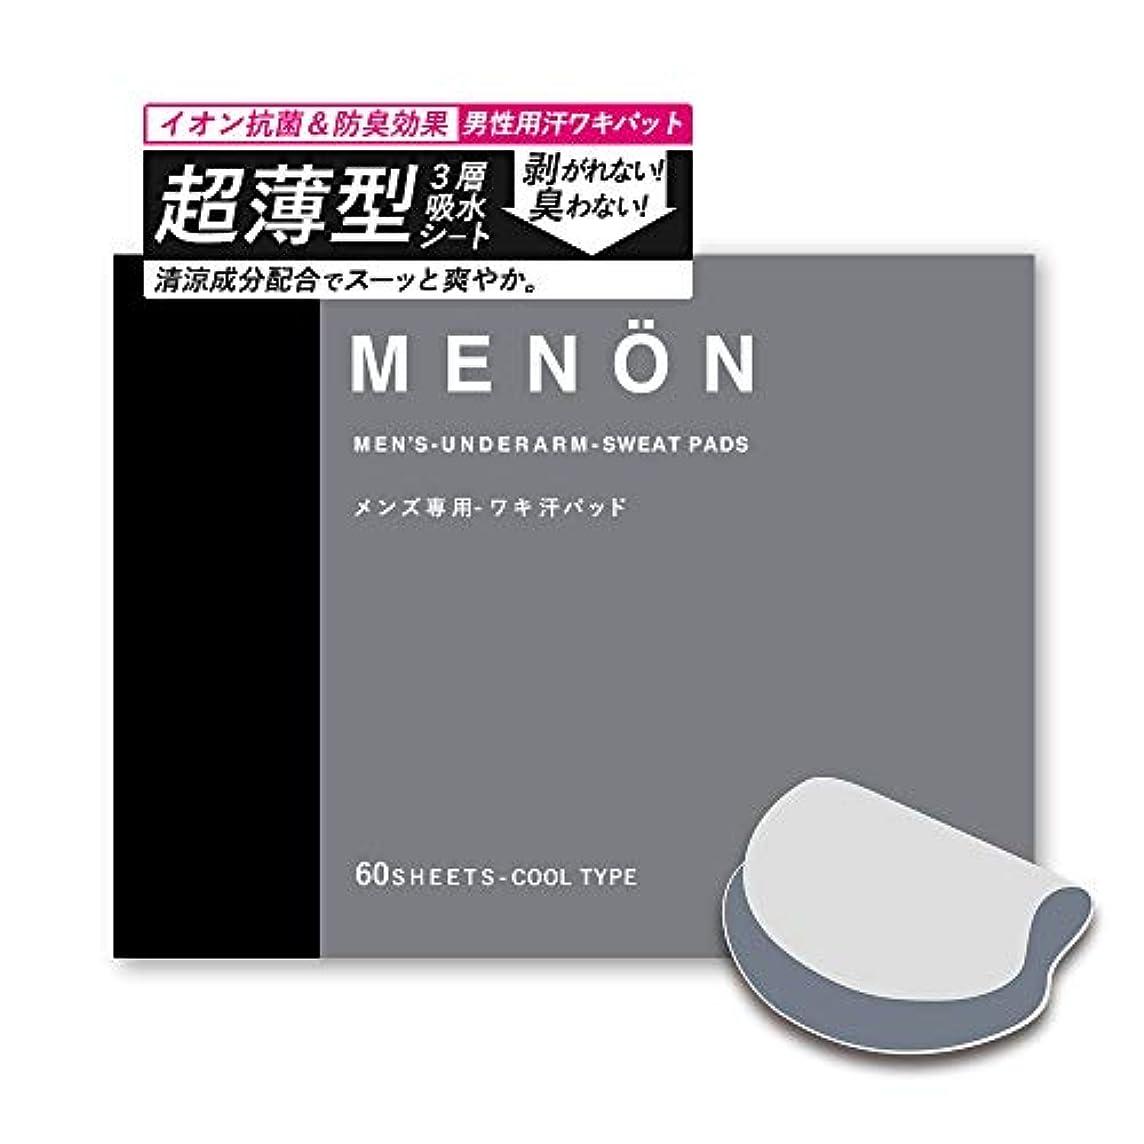 一般的な中級教室MENON 安心の日本製 脇汗パッド メンズ 使い捨て 汗取りパッド 大容量60枚 (30セット) 清涼成分配合 脇汗 男性用 ボディケア 汗ジミ?臭い予防に パッド シール メノン